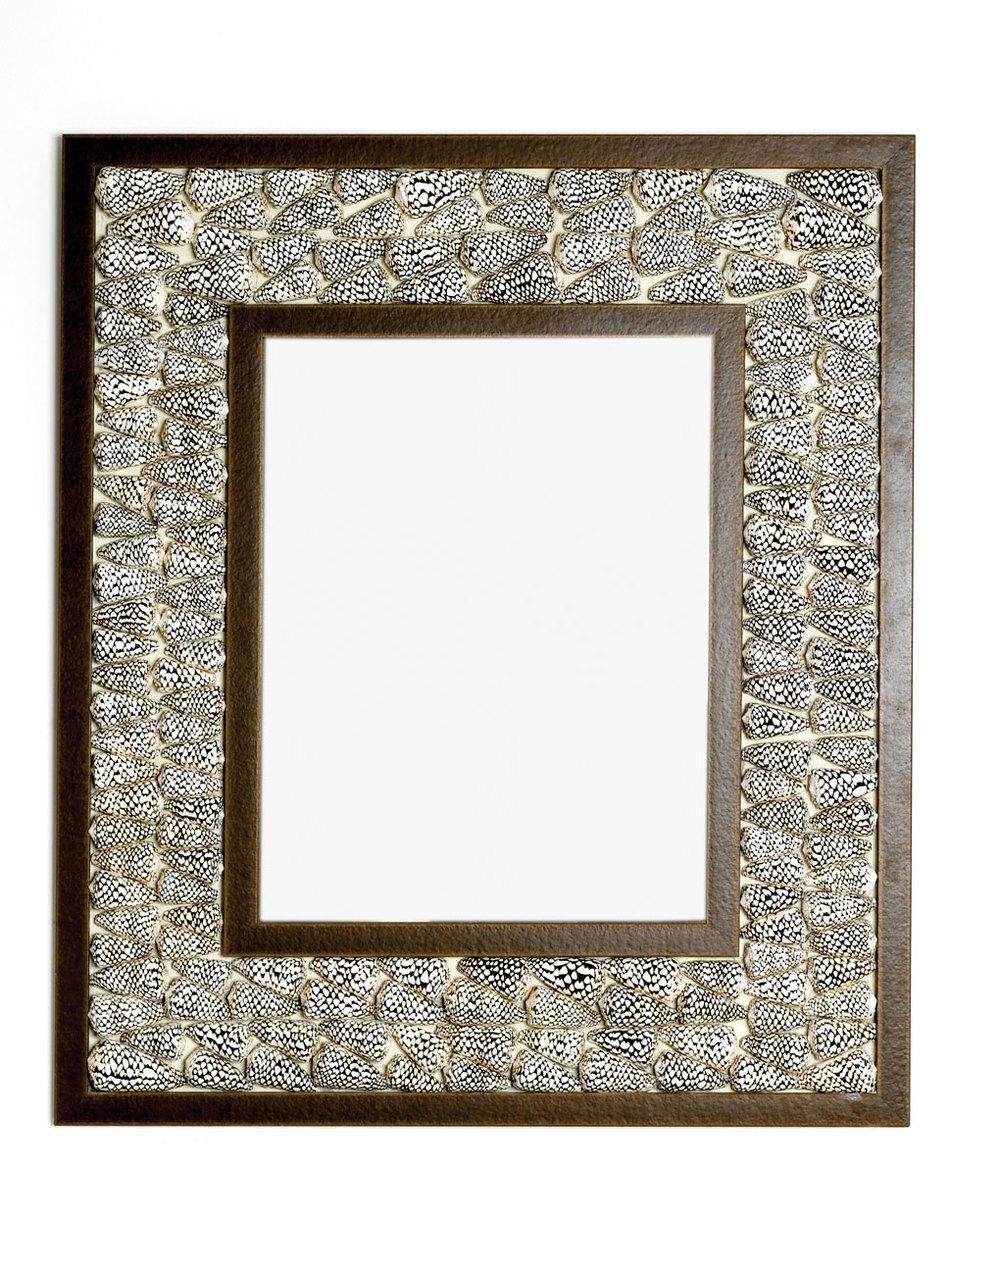 cebu-mirror.jpg